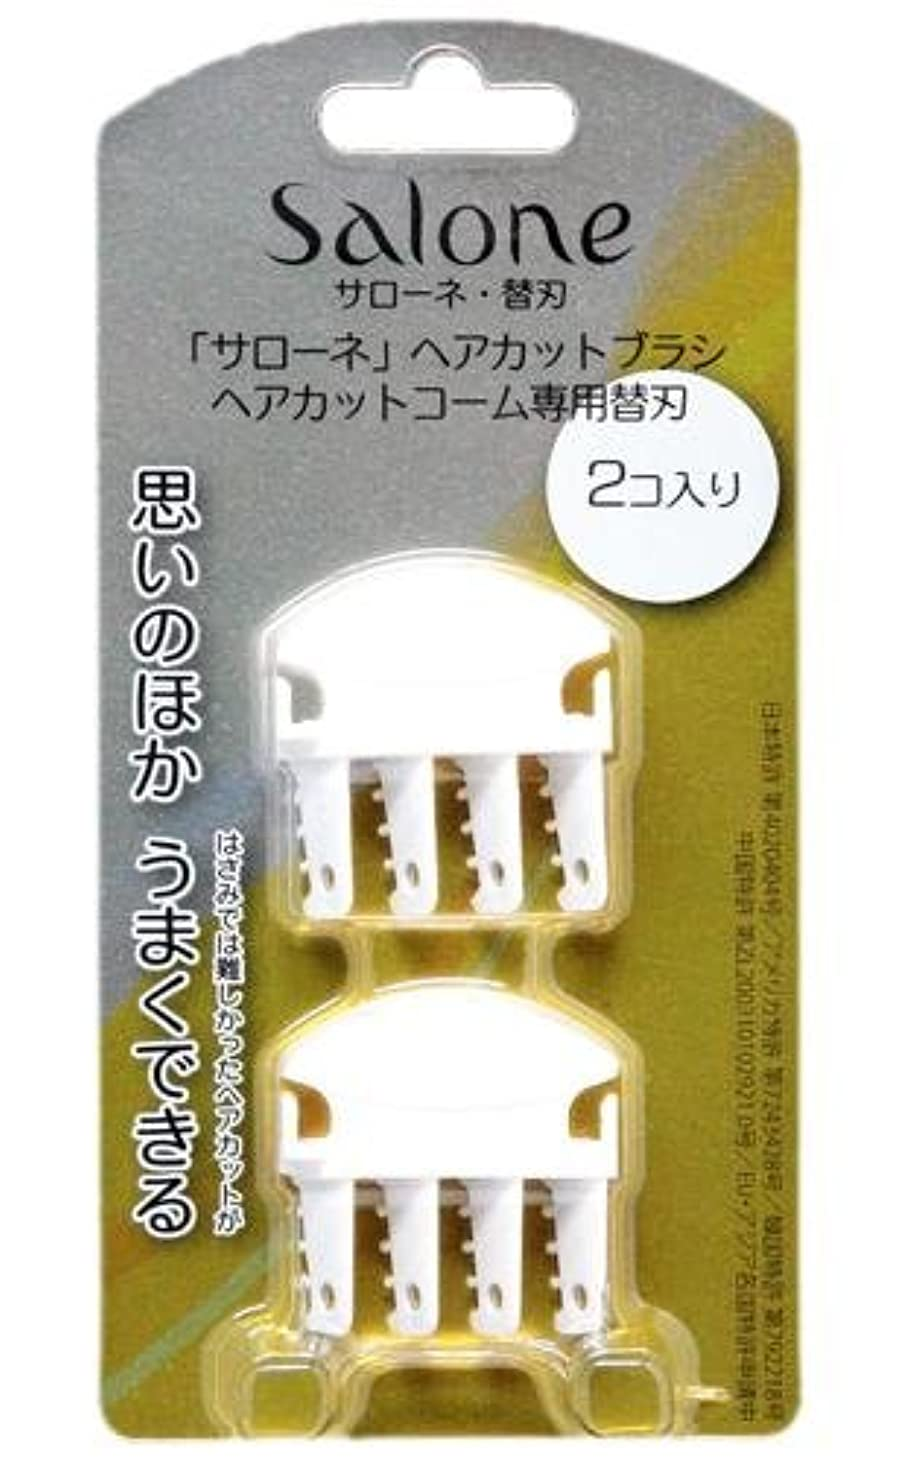 資料手段苗「サローネ」ヘアカットブラシ ヘアカットコーム専用替刃